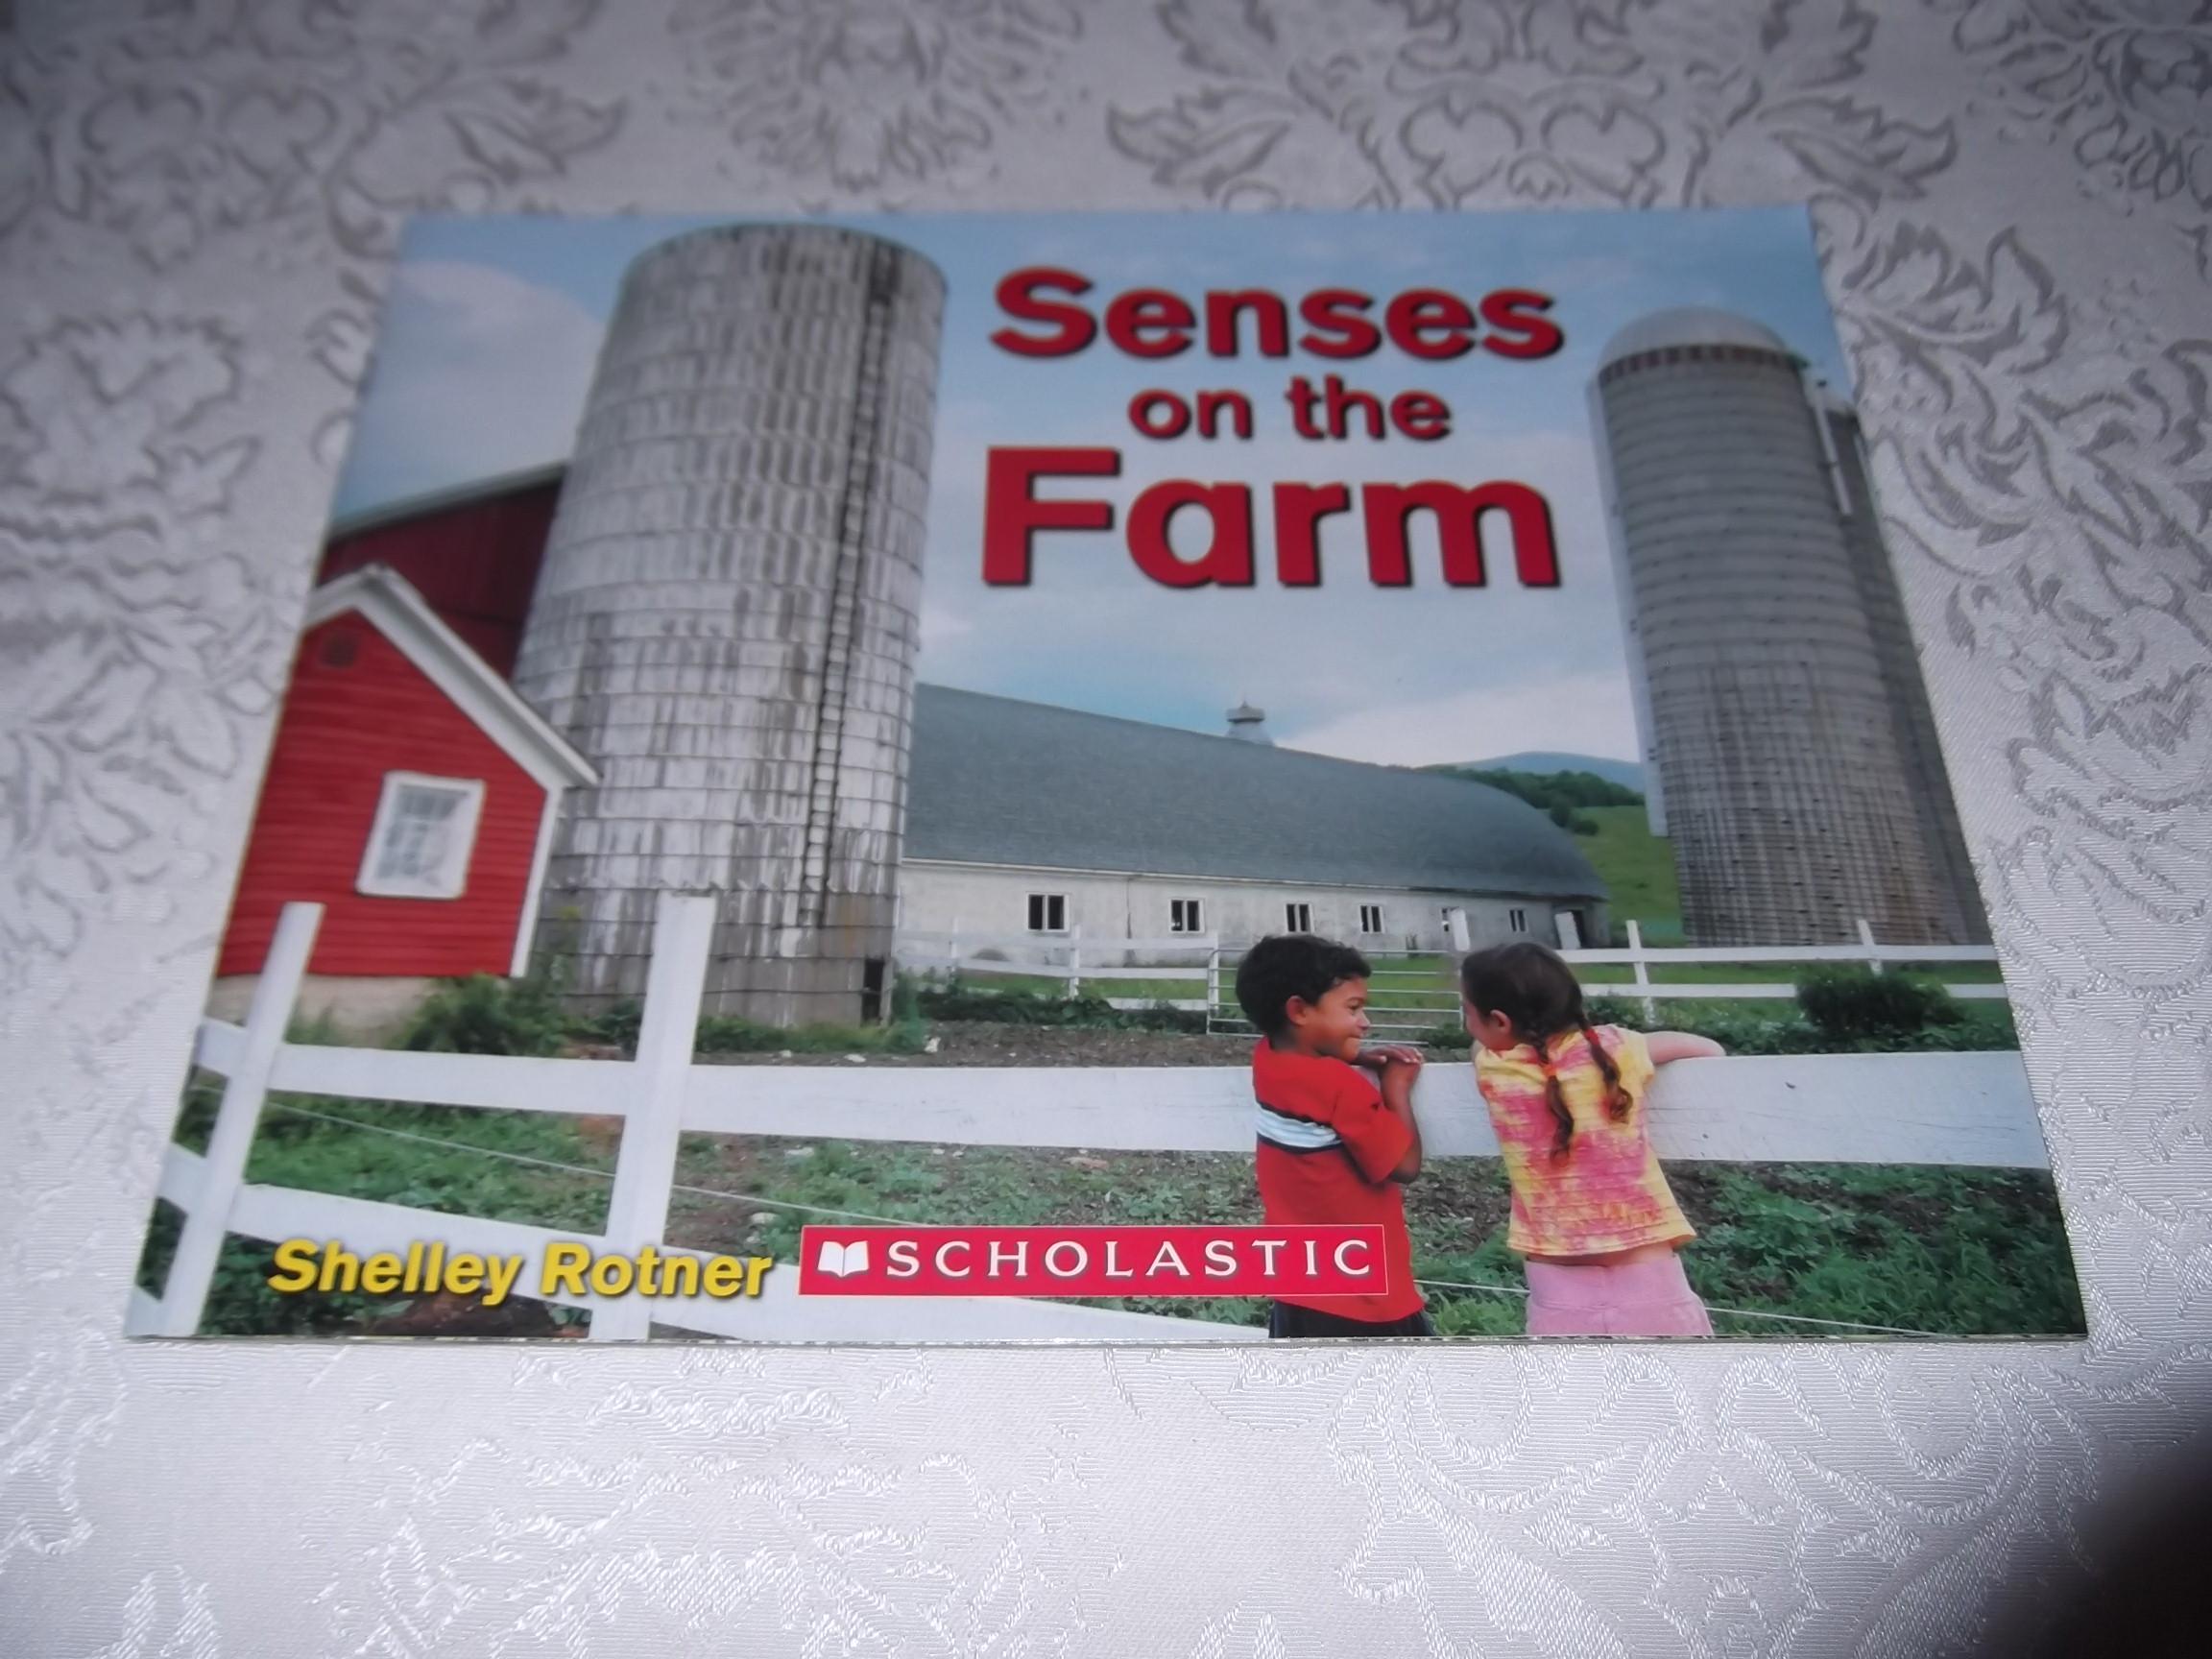 Senses on the Farm Shelley Rotner Brand New SC Five Senses